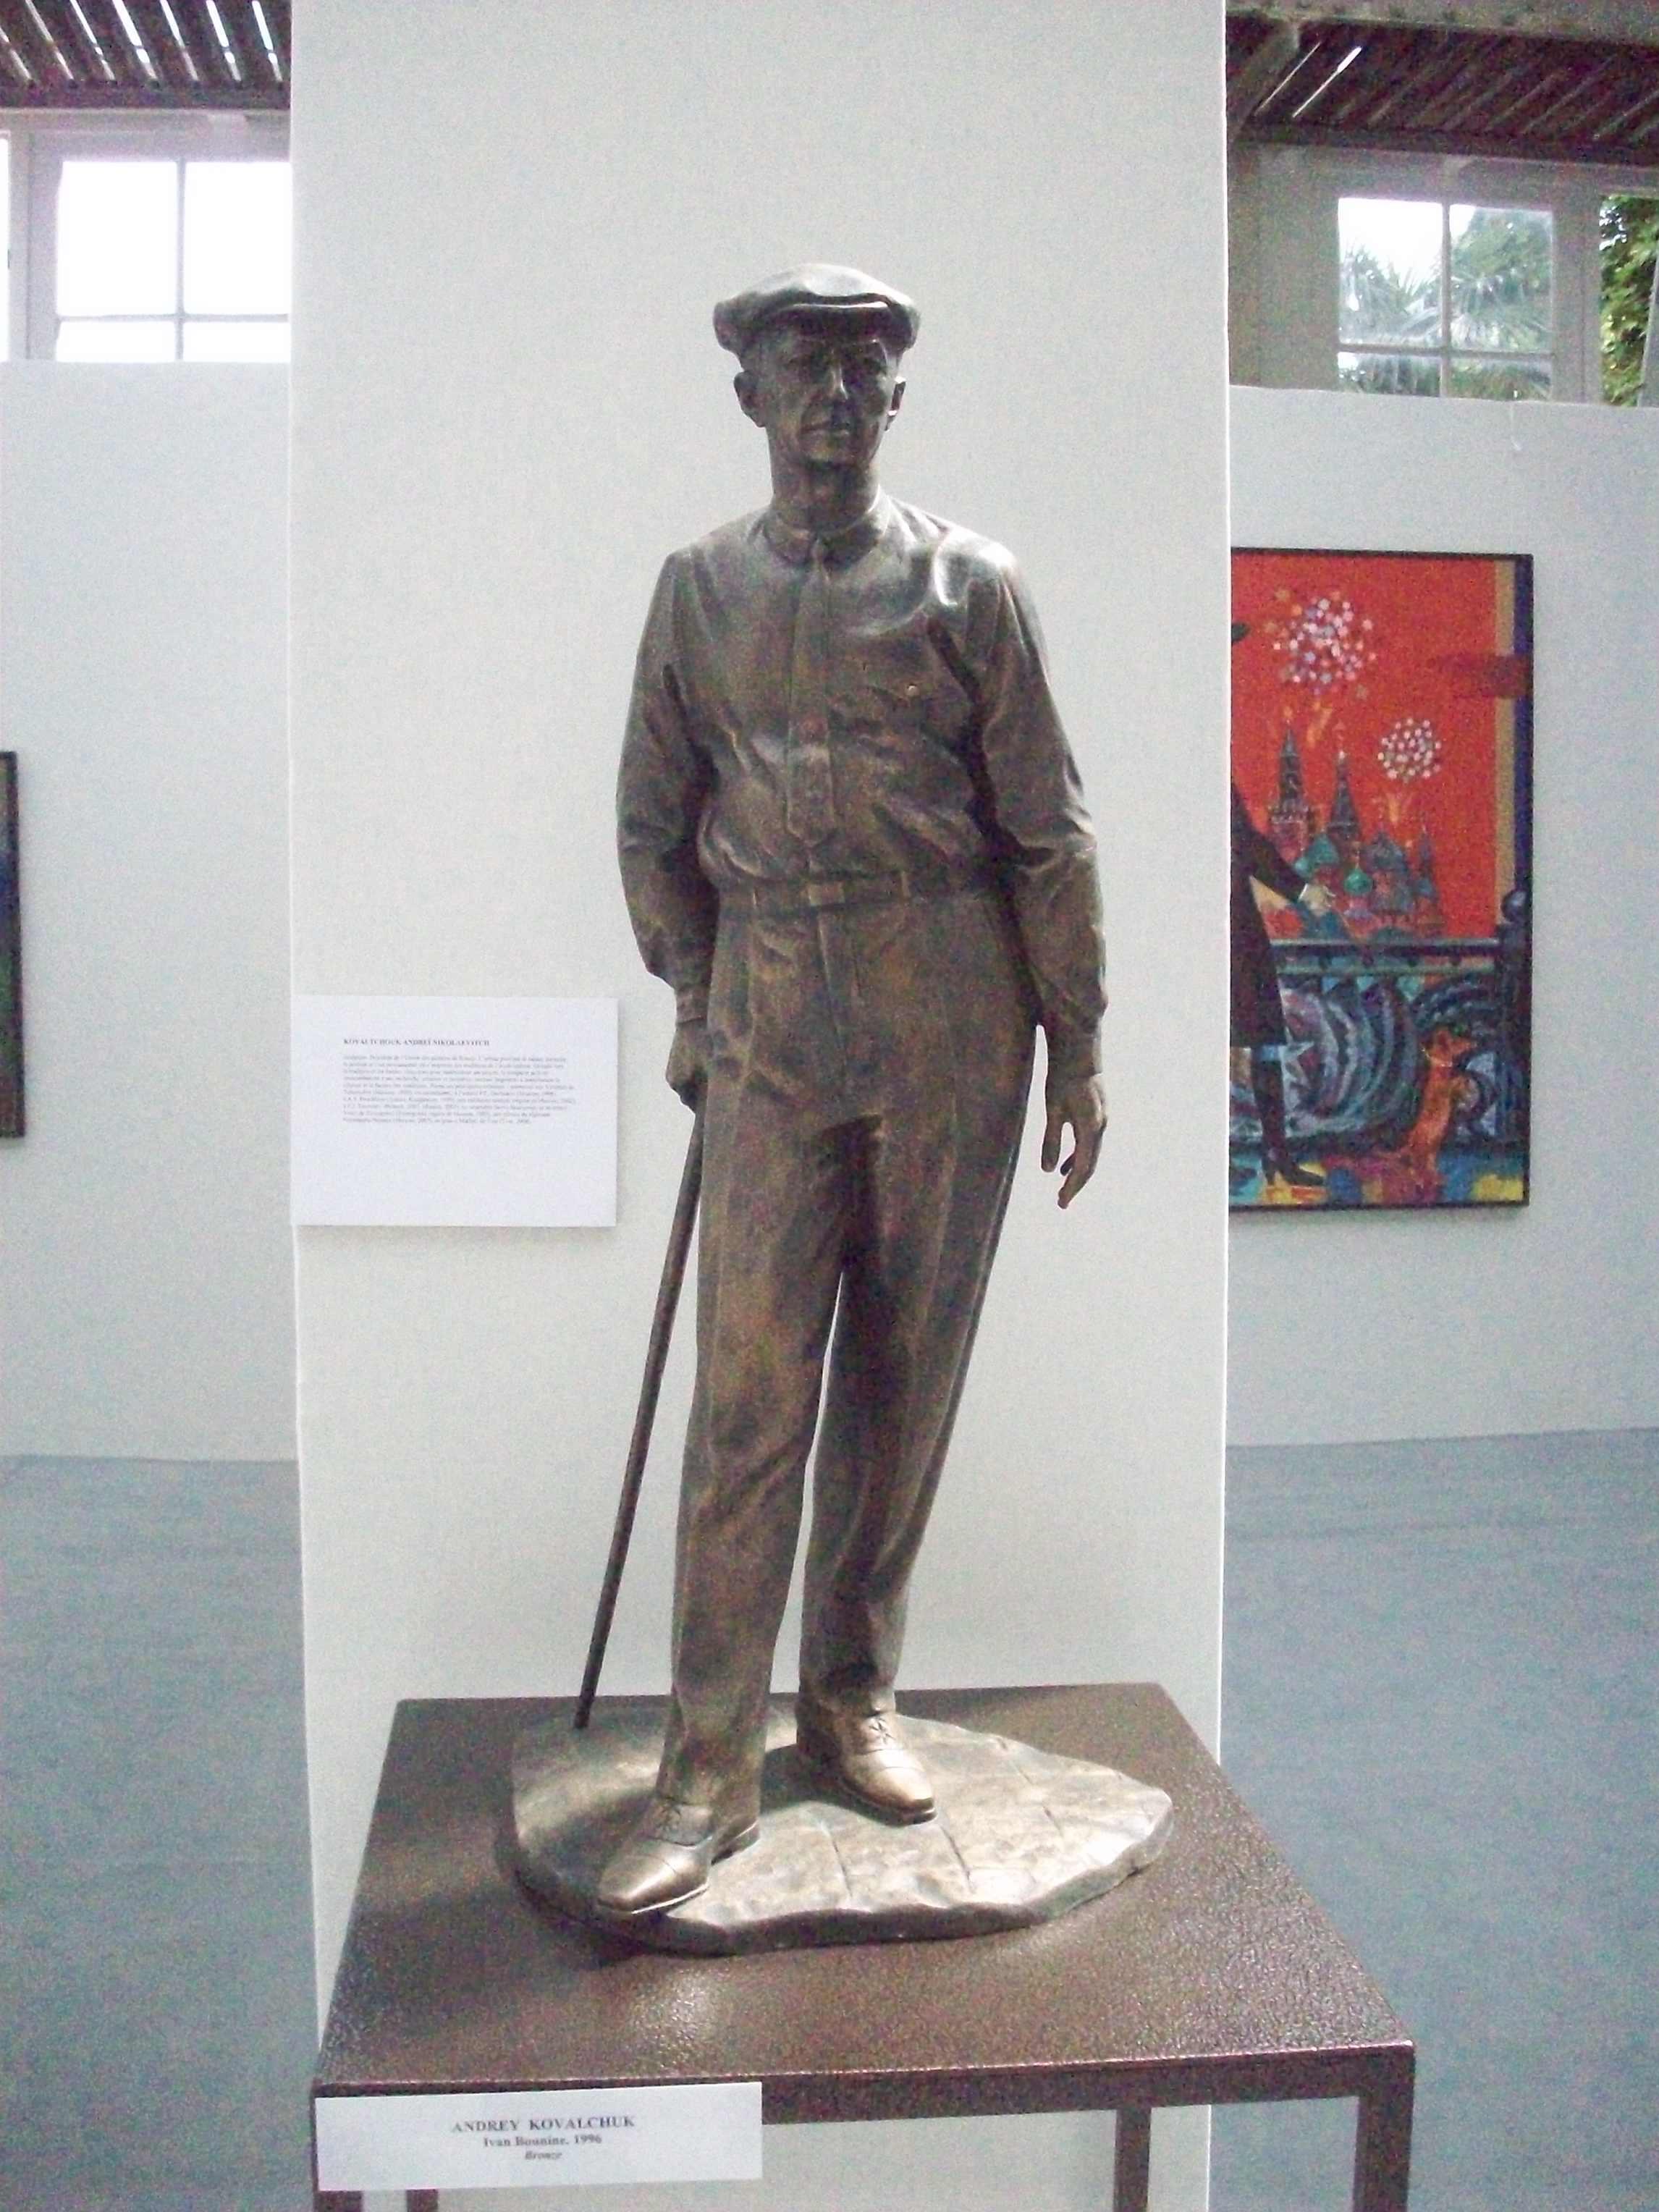 Июнь 2010. Выставка в Оранжерее Люксембургского сада в Париже. Андрей Ковальчук. Бунин. Бронза. Высота 80 см.